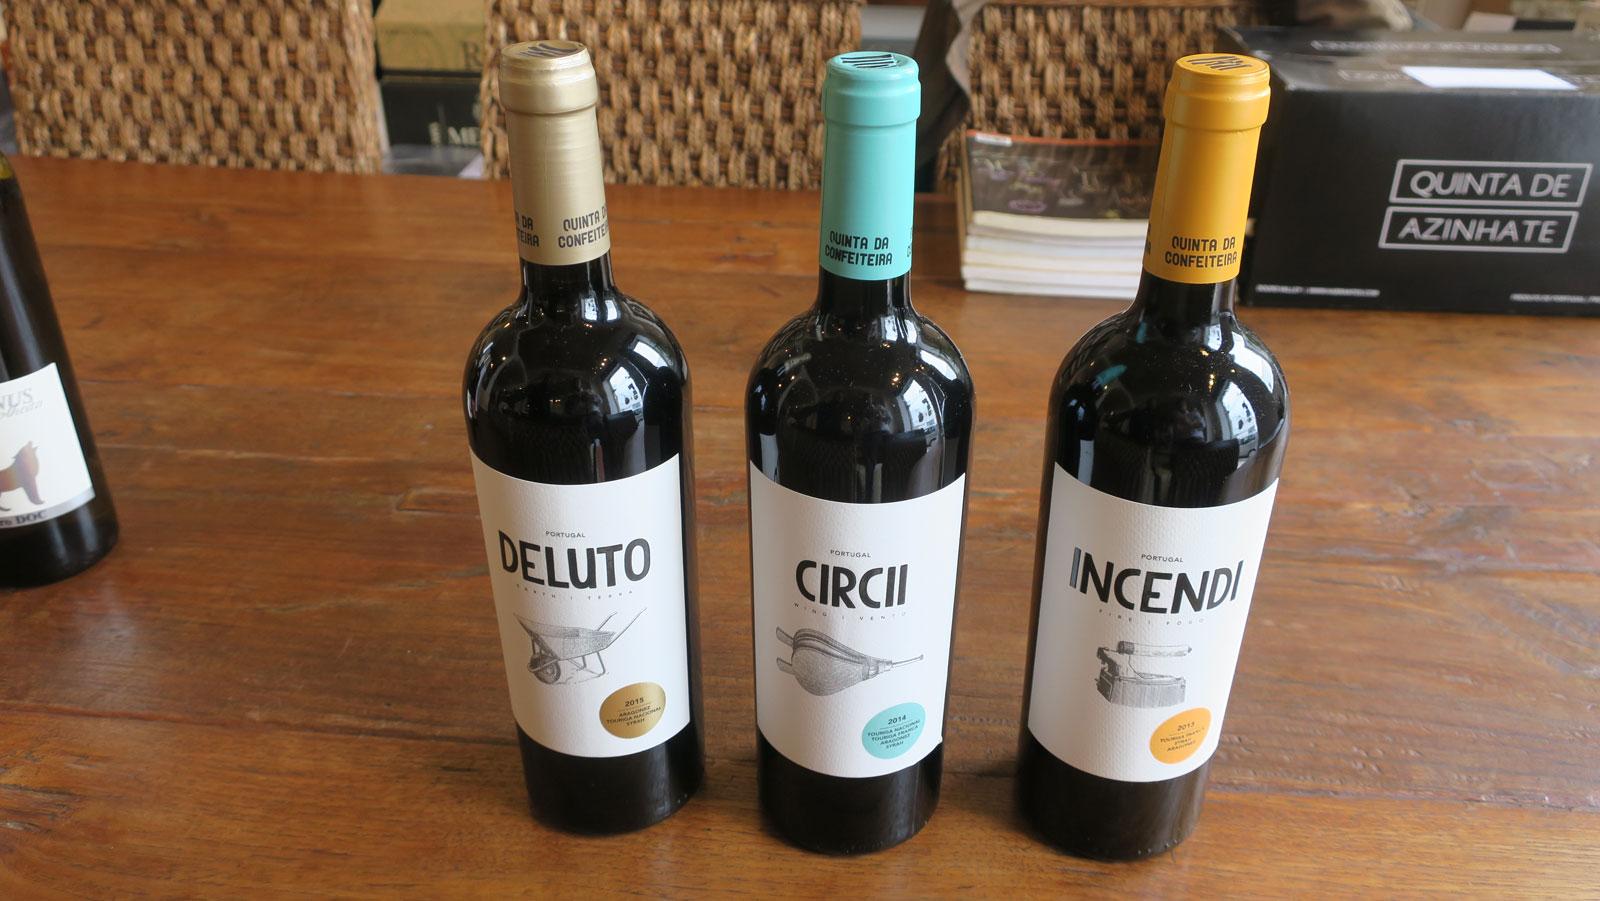 algarve wine pack